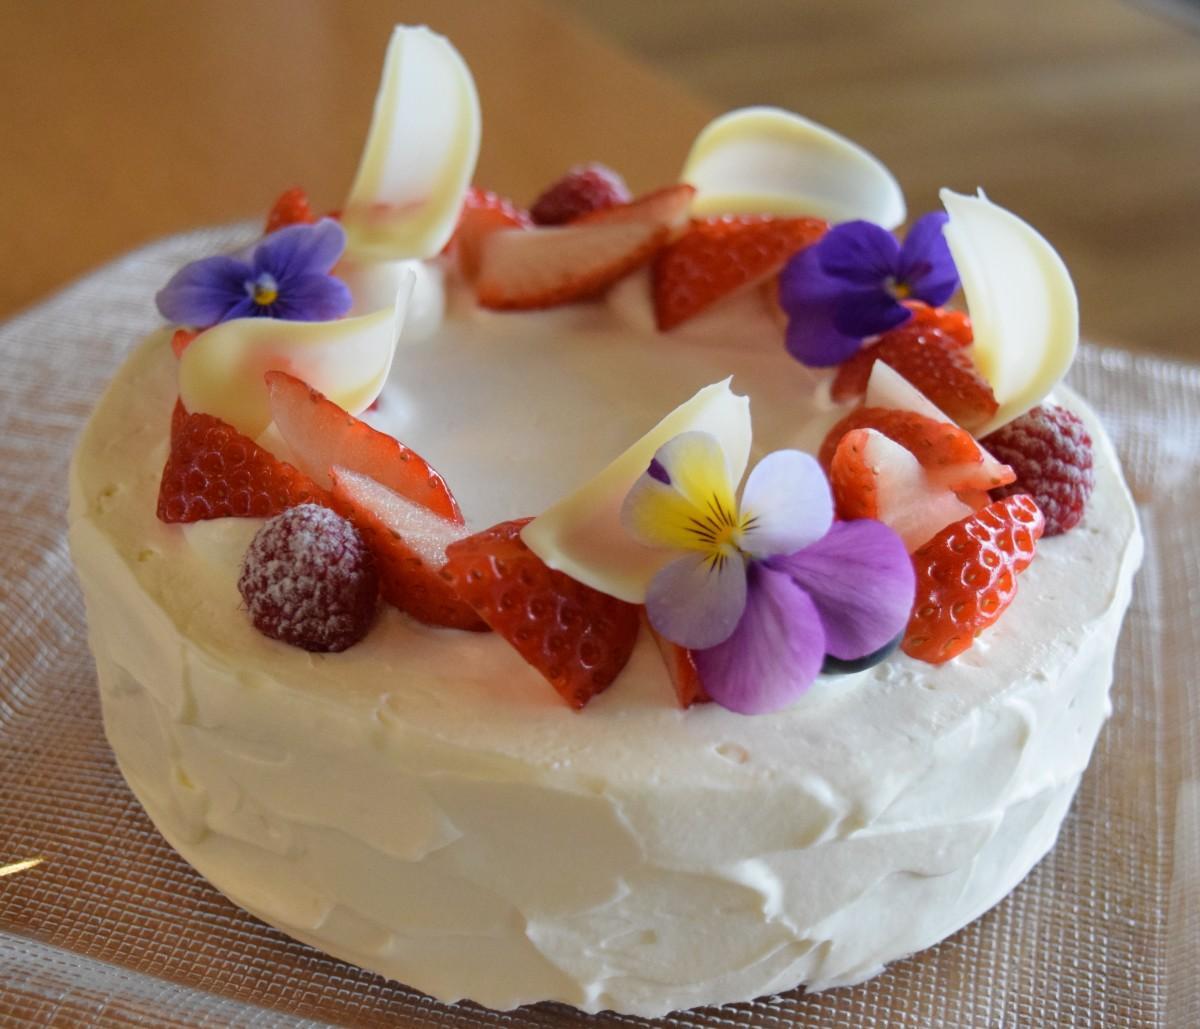 エディブルフラワー(食用花)を使ったクリスマスケーキ